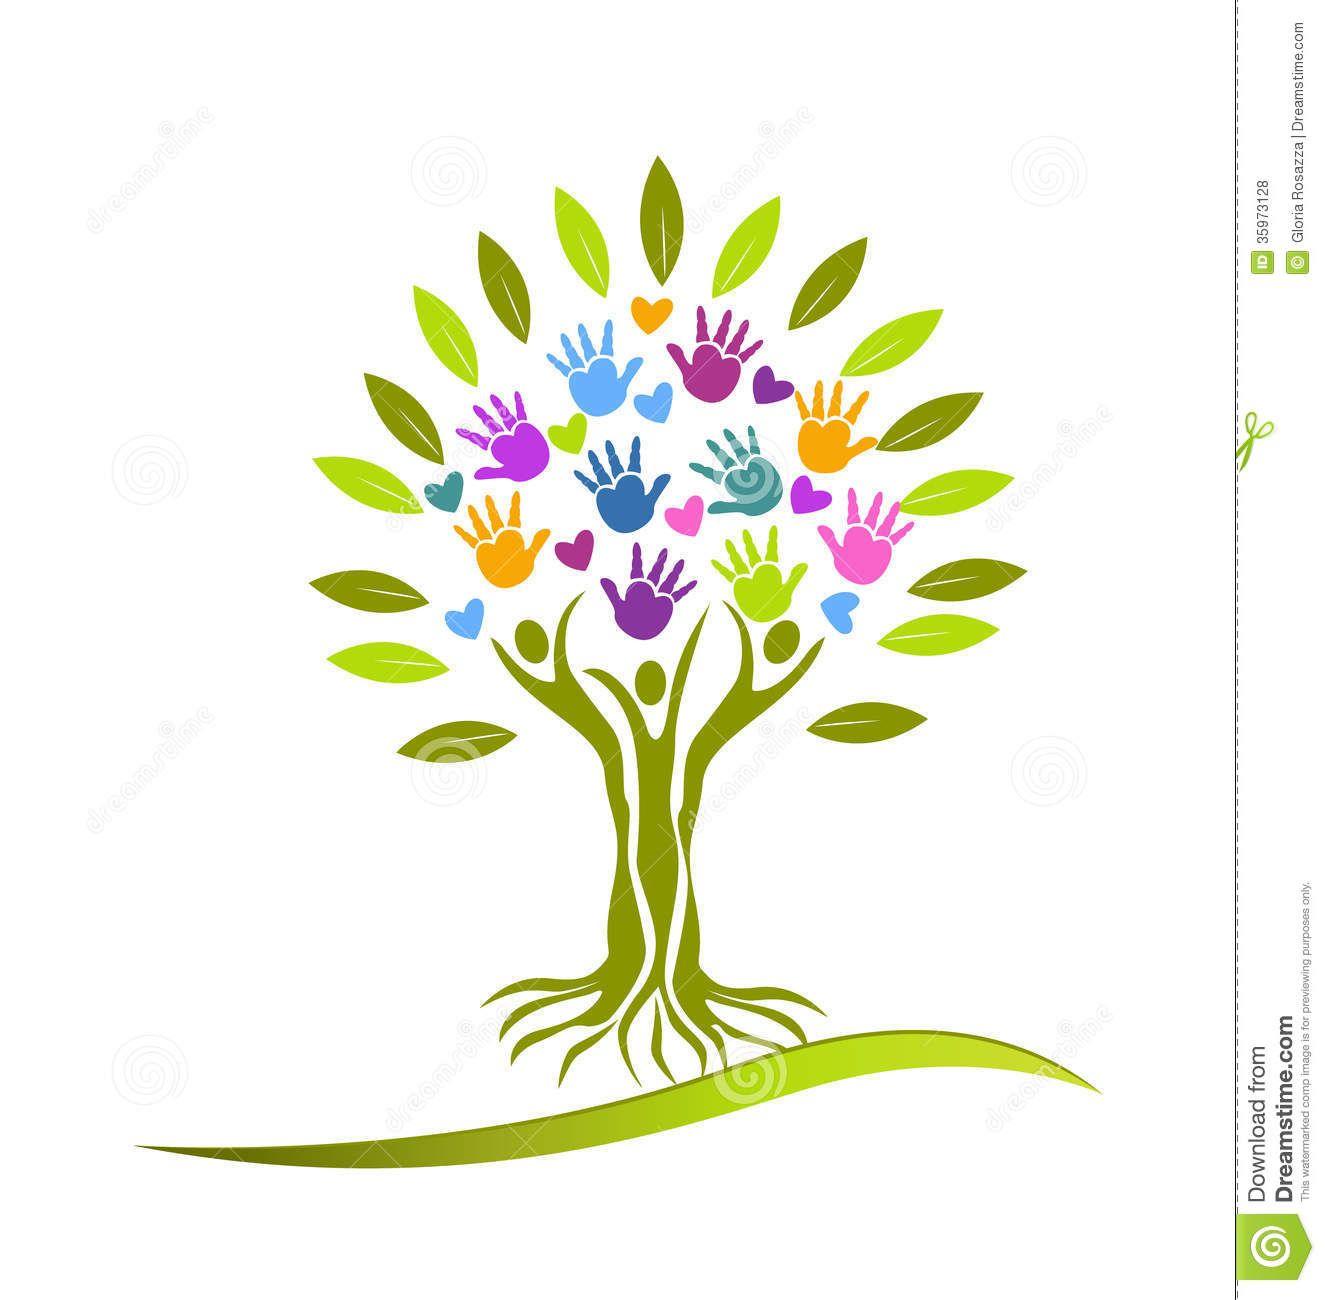 Tree Hands And Hearts Logo Family Tree Logo Tree Logo Design Tree Logos